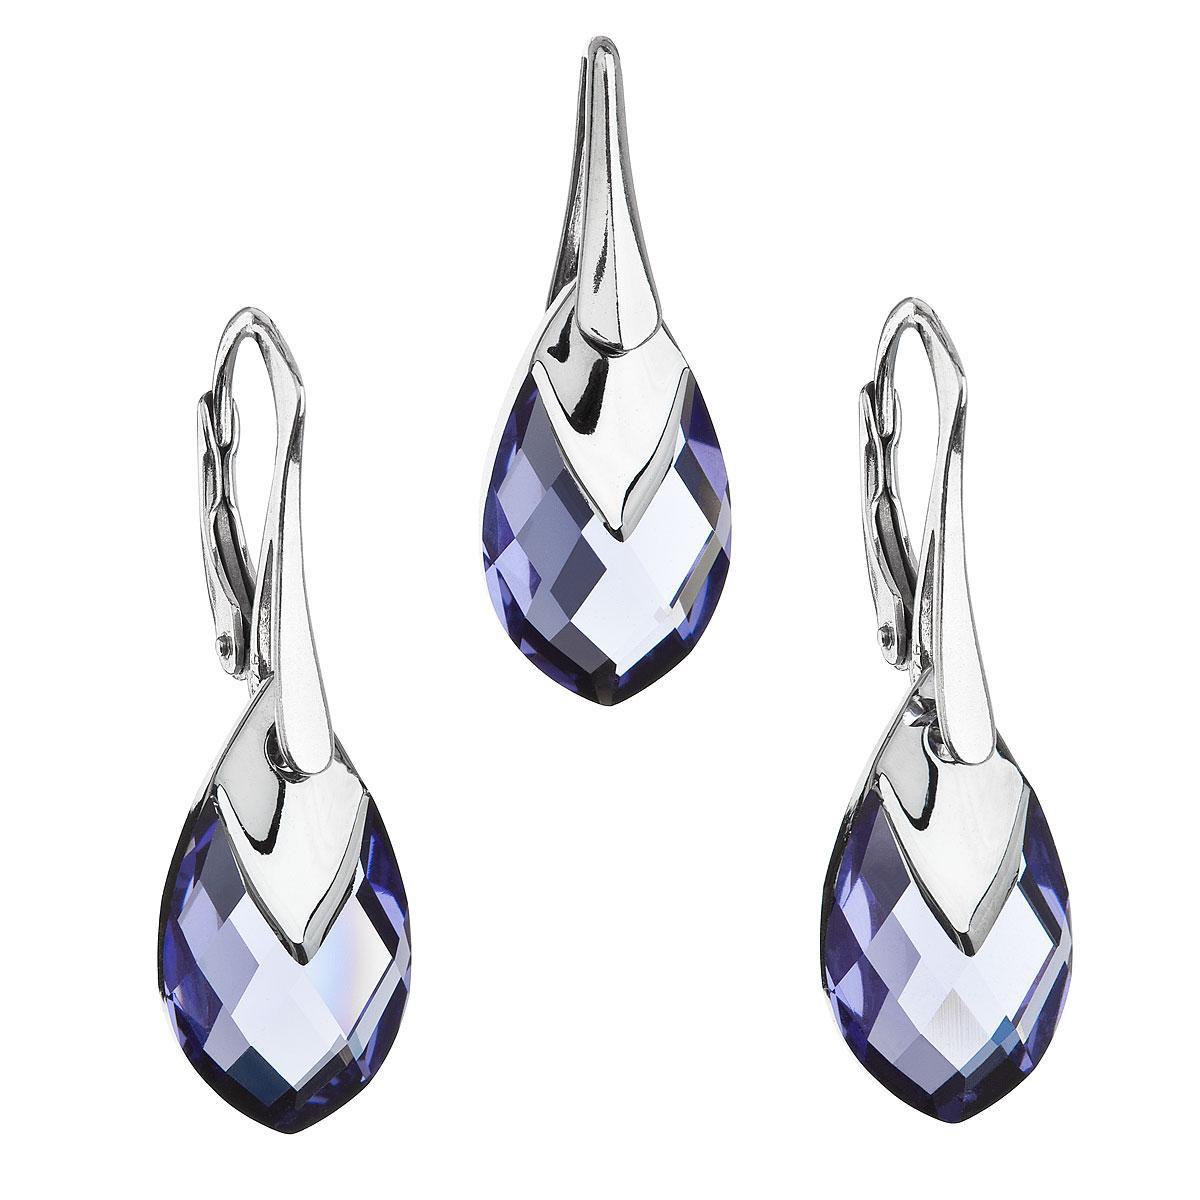 Sada šperkov s krištálmi Swarovski náušnice a prívesok fialová slza 39169.4 tanzanite